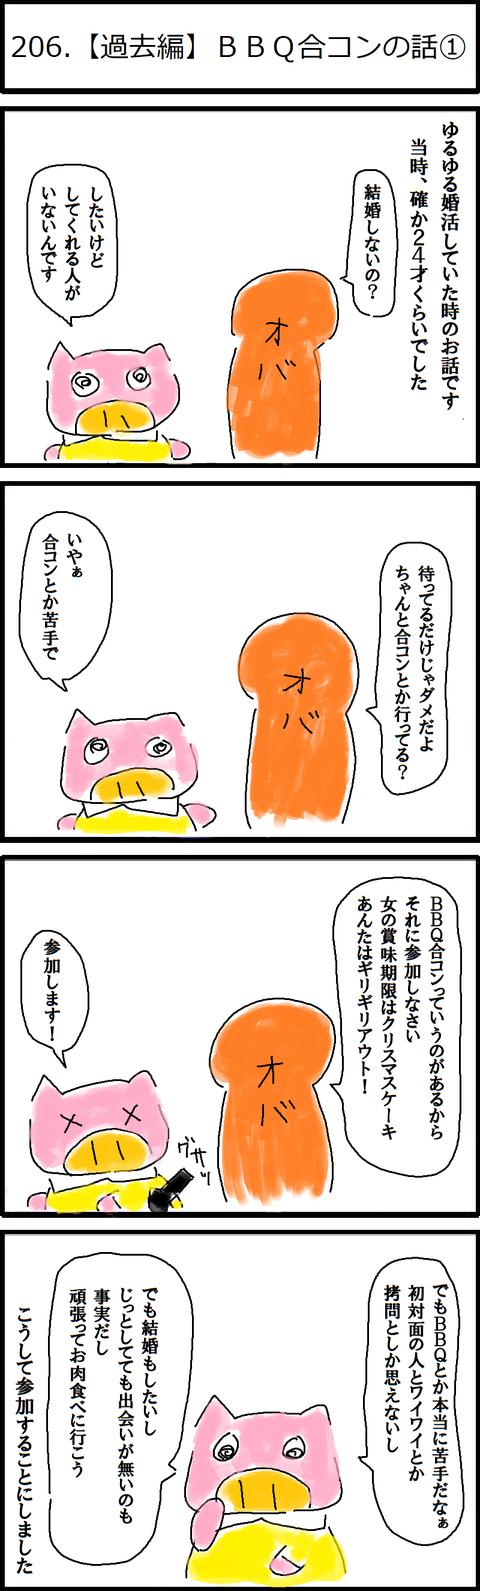 206.【過去編】BBQ合コンの話①